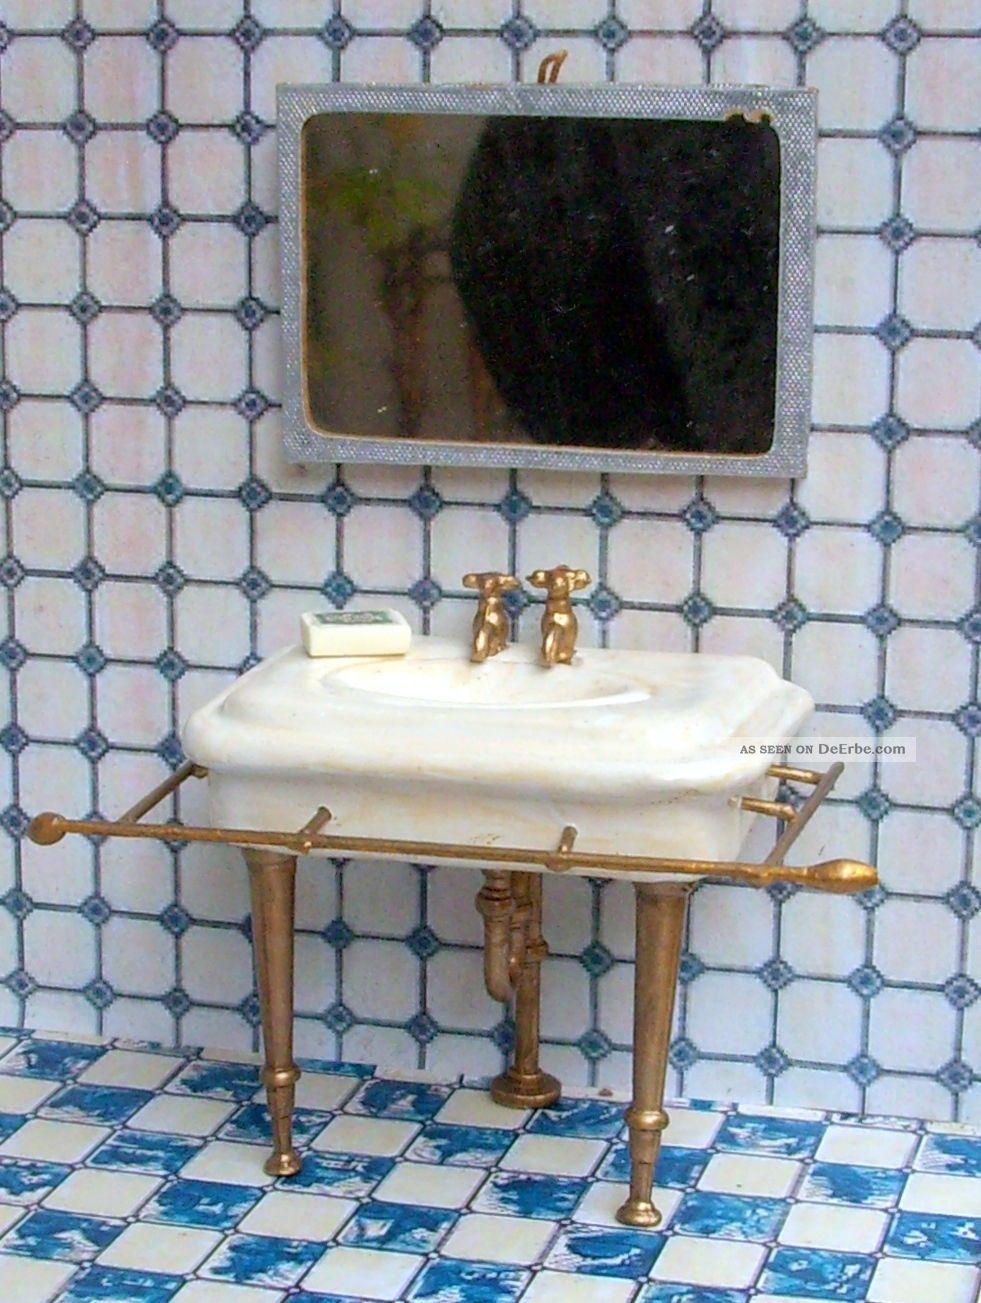 Dekoratives nostalgisches waschbecken badezimmer - Waschbecken badezimmer ...